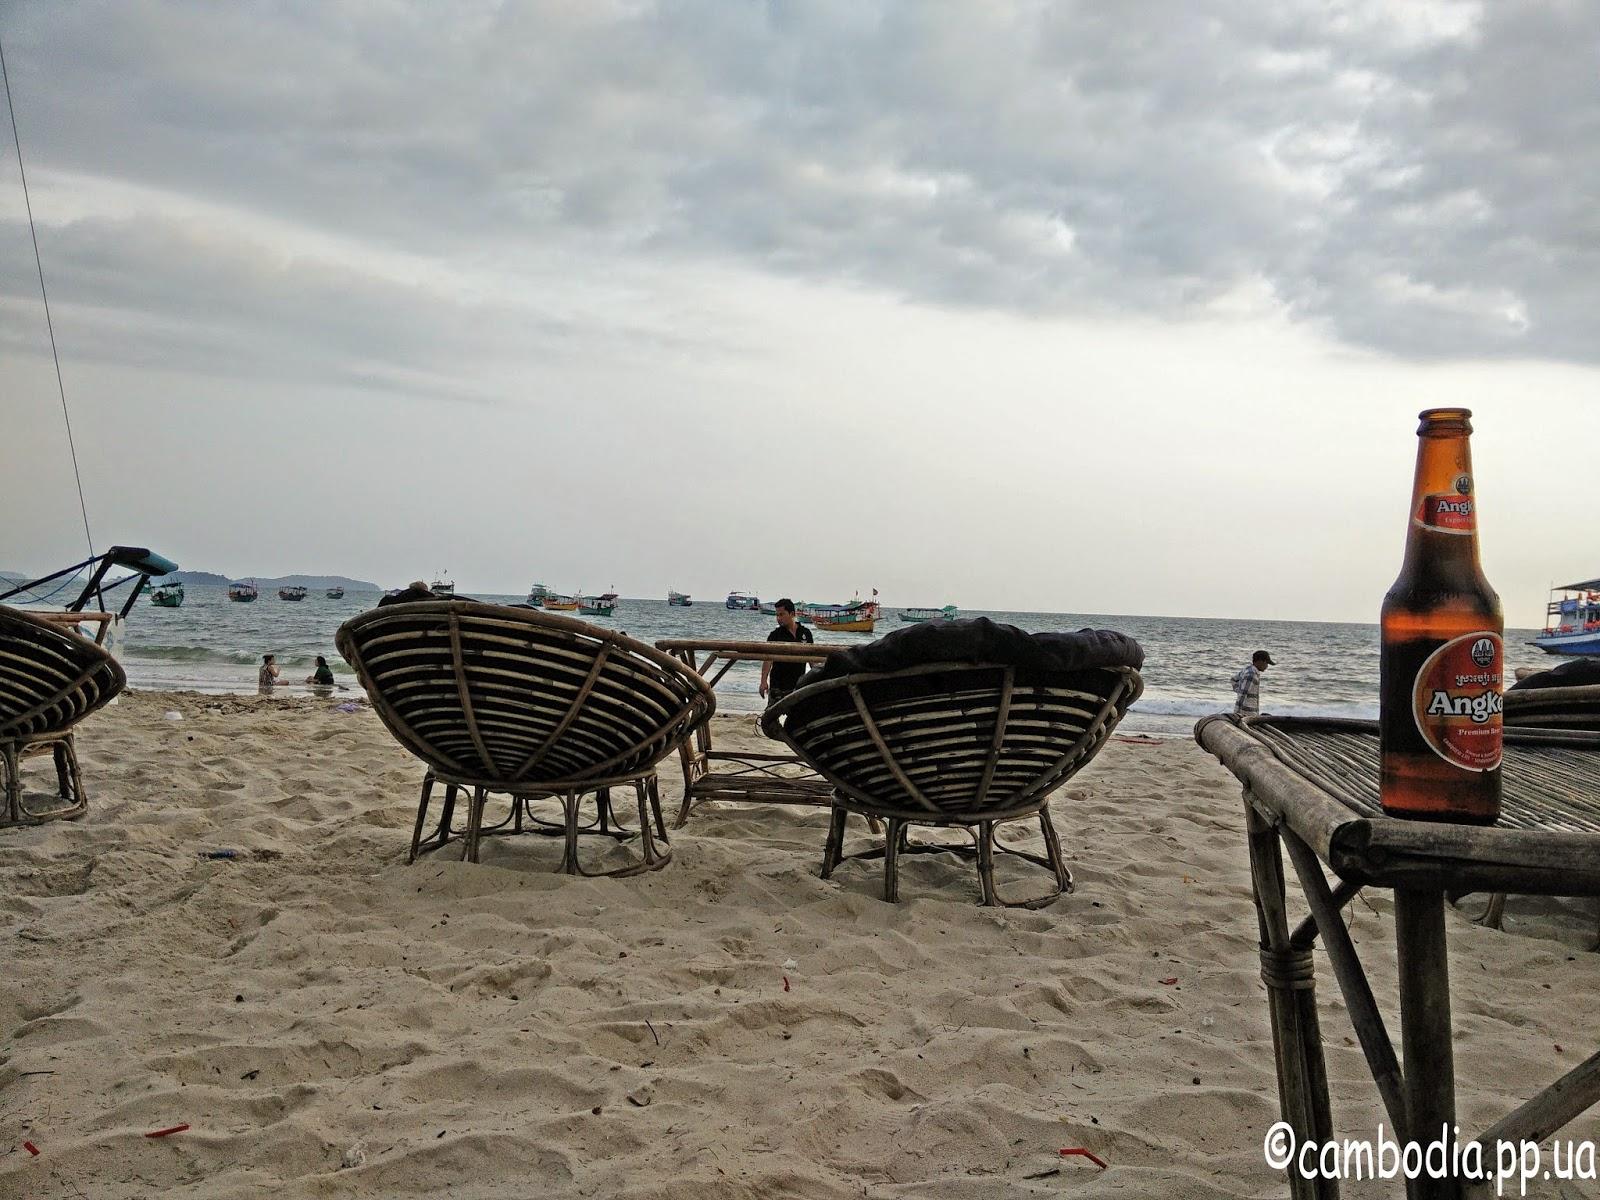 Камбоджа пляжный отдых фото